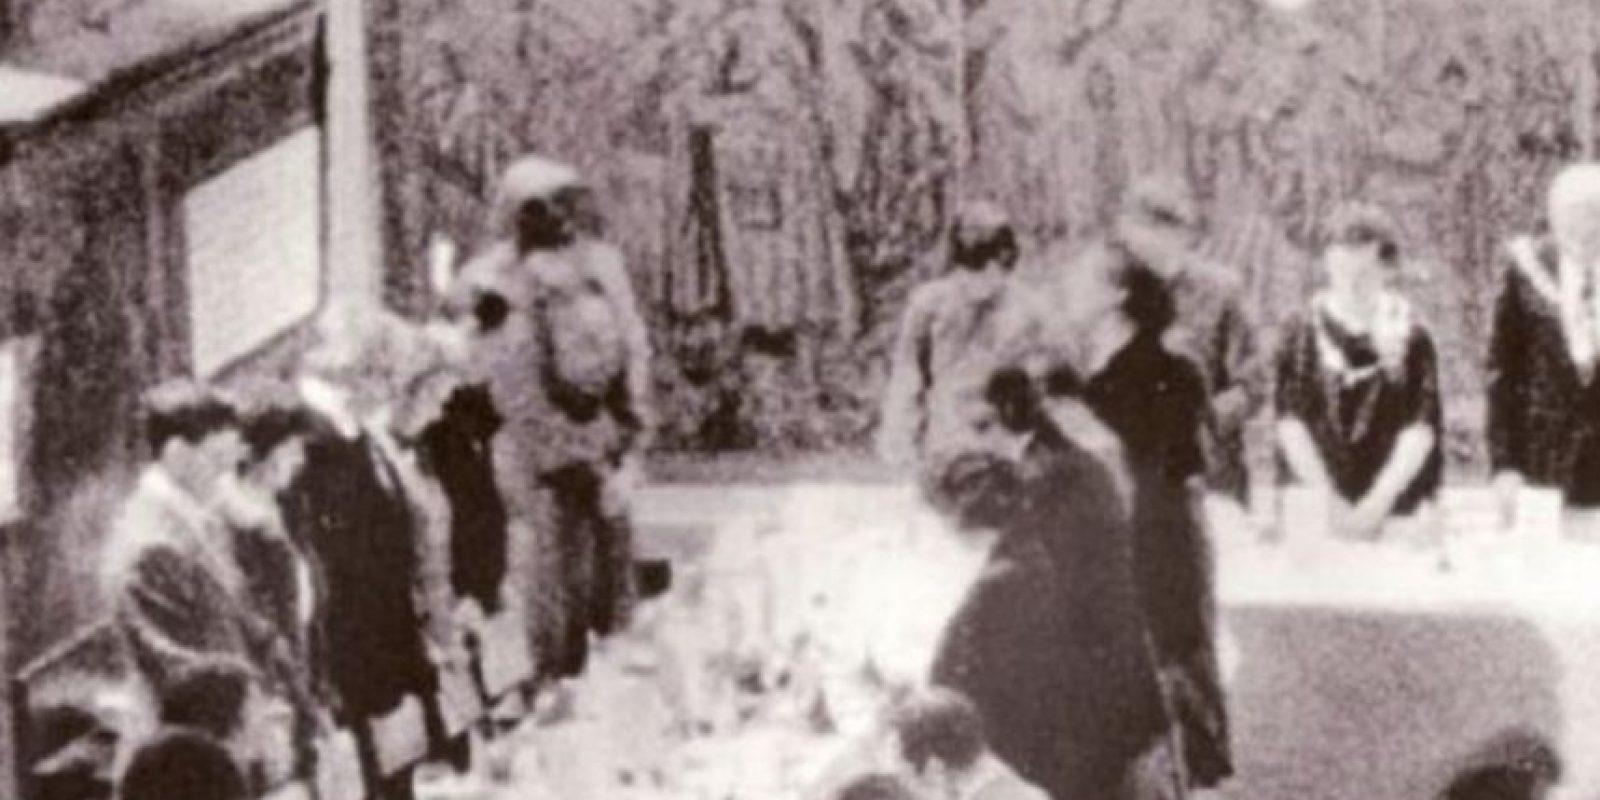 ¿Hay o no hay un fantasma? Todas estas fotos se tomaron mucho antes de los efectos digitales y han sido objeto de debate a lo largo de los años Foto:Ghost Research Society